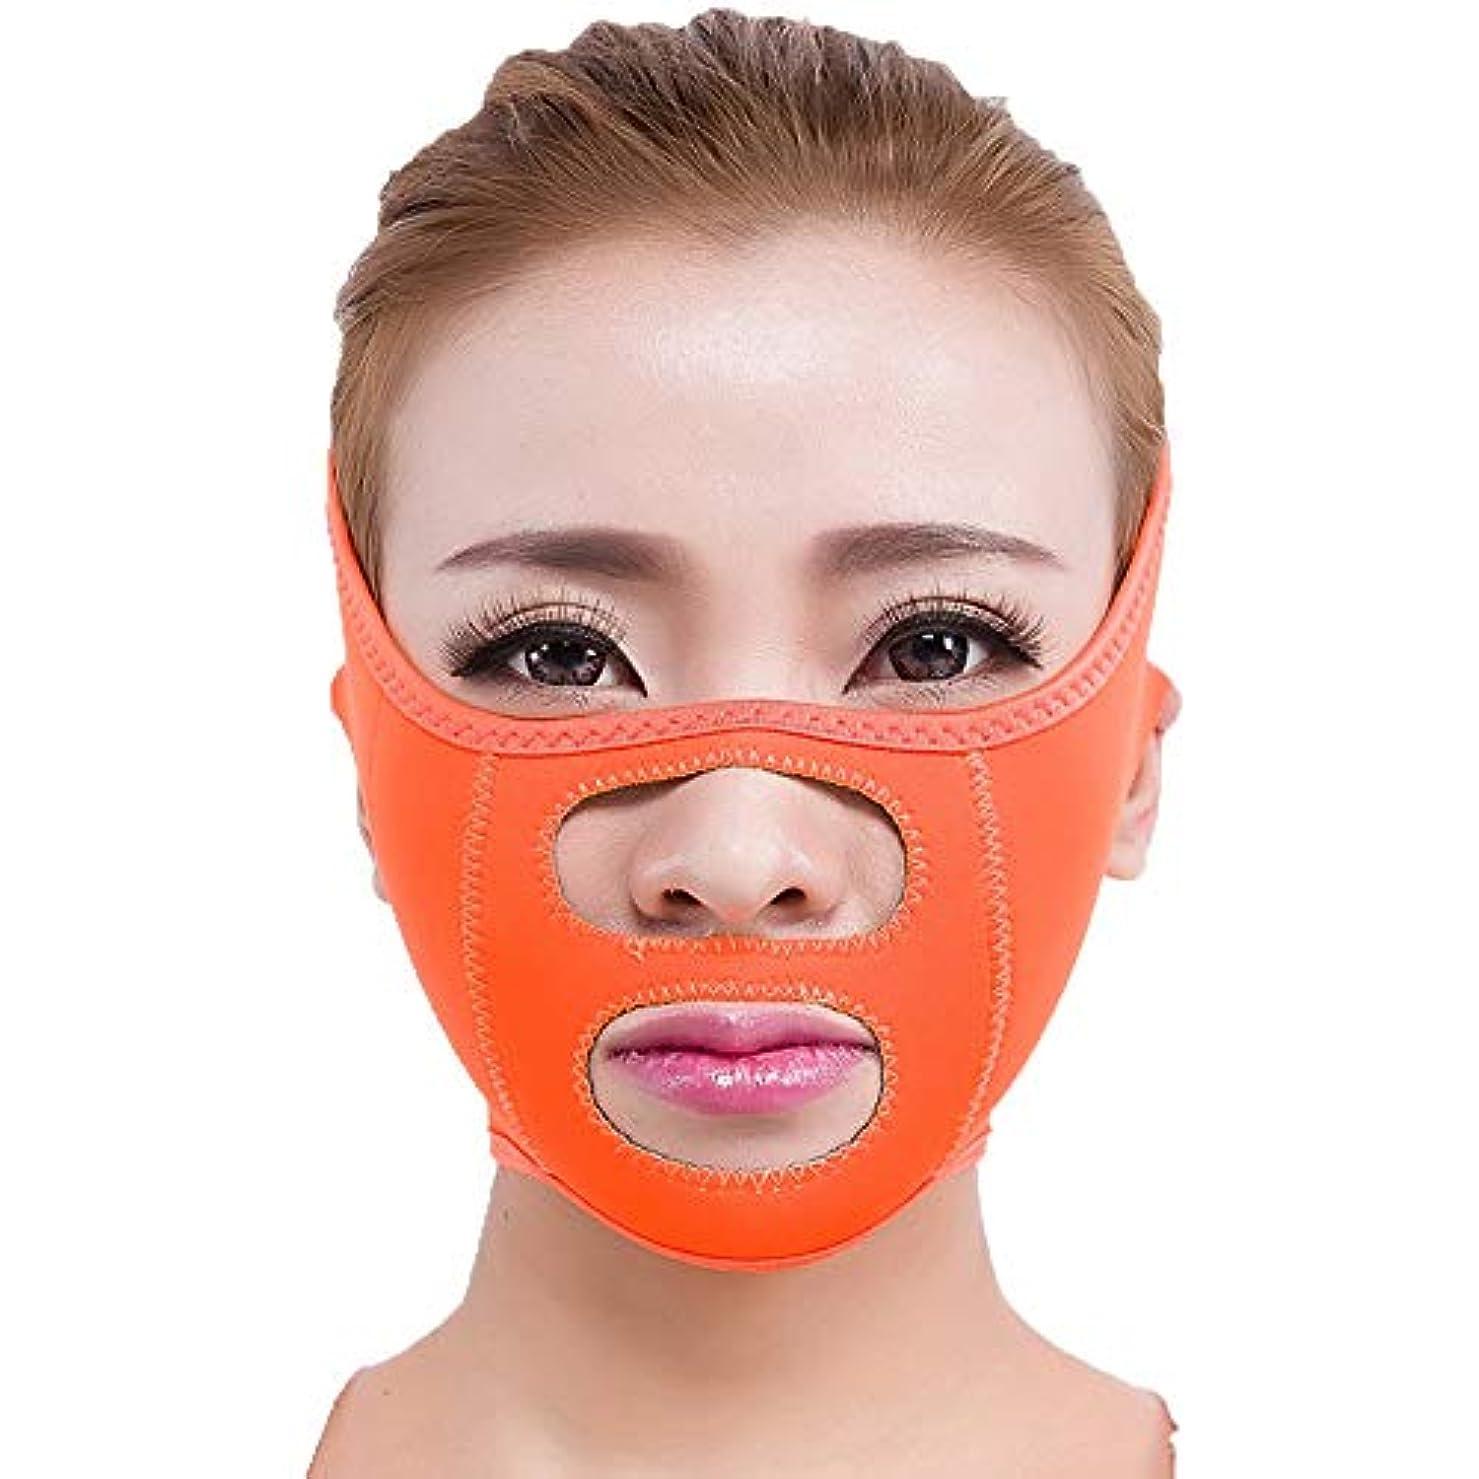 パレードなぞらえるランタン二重顎の圧力低下装置、睡眠薄い顔のベルト小さなvの顔の器械の包帯マスク持ち上げる顔のステッカー,Orange